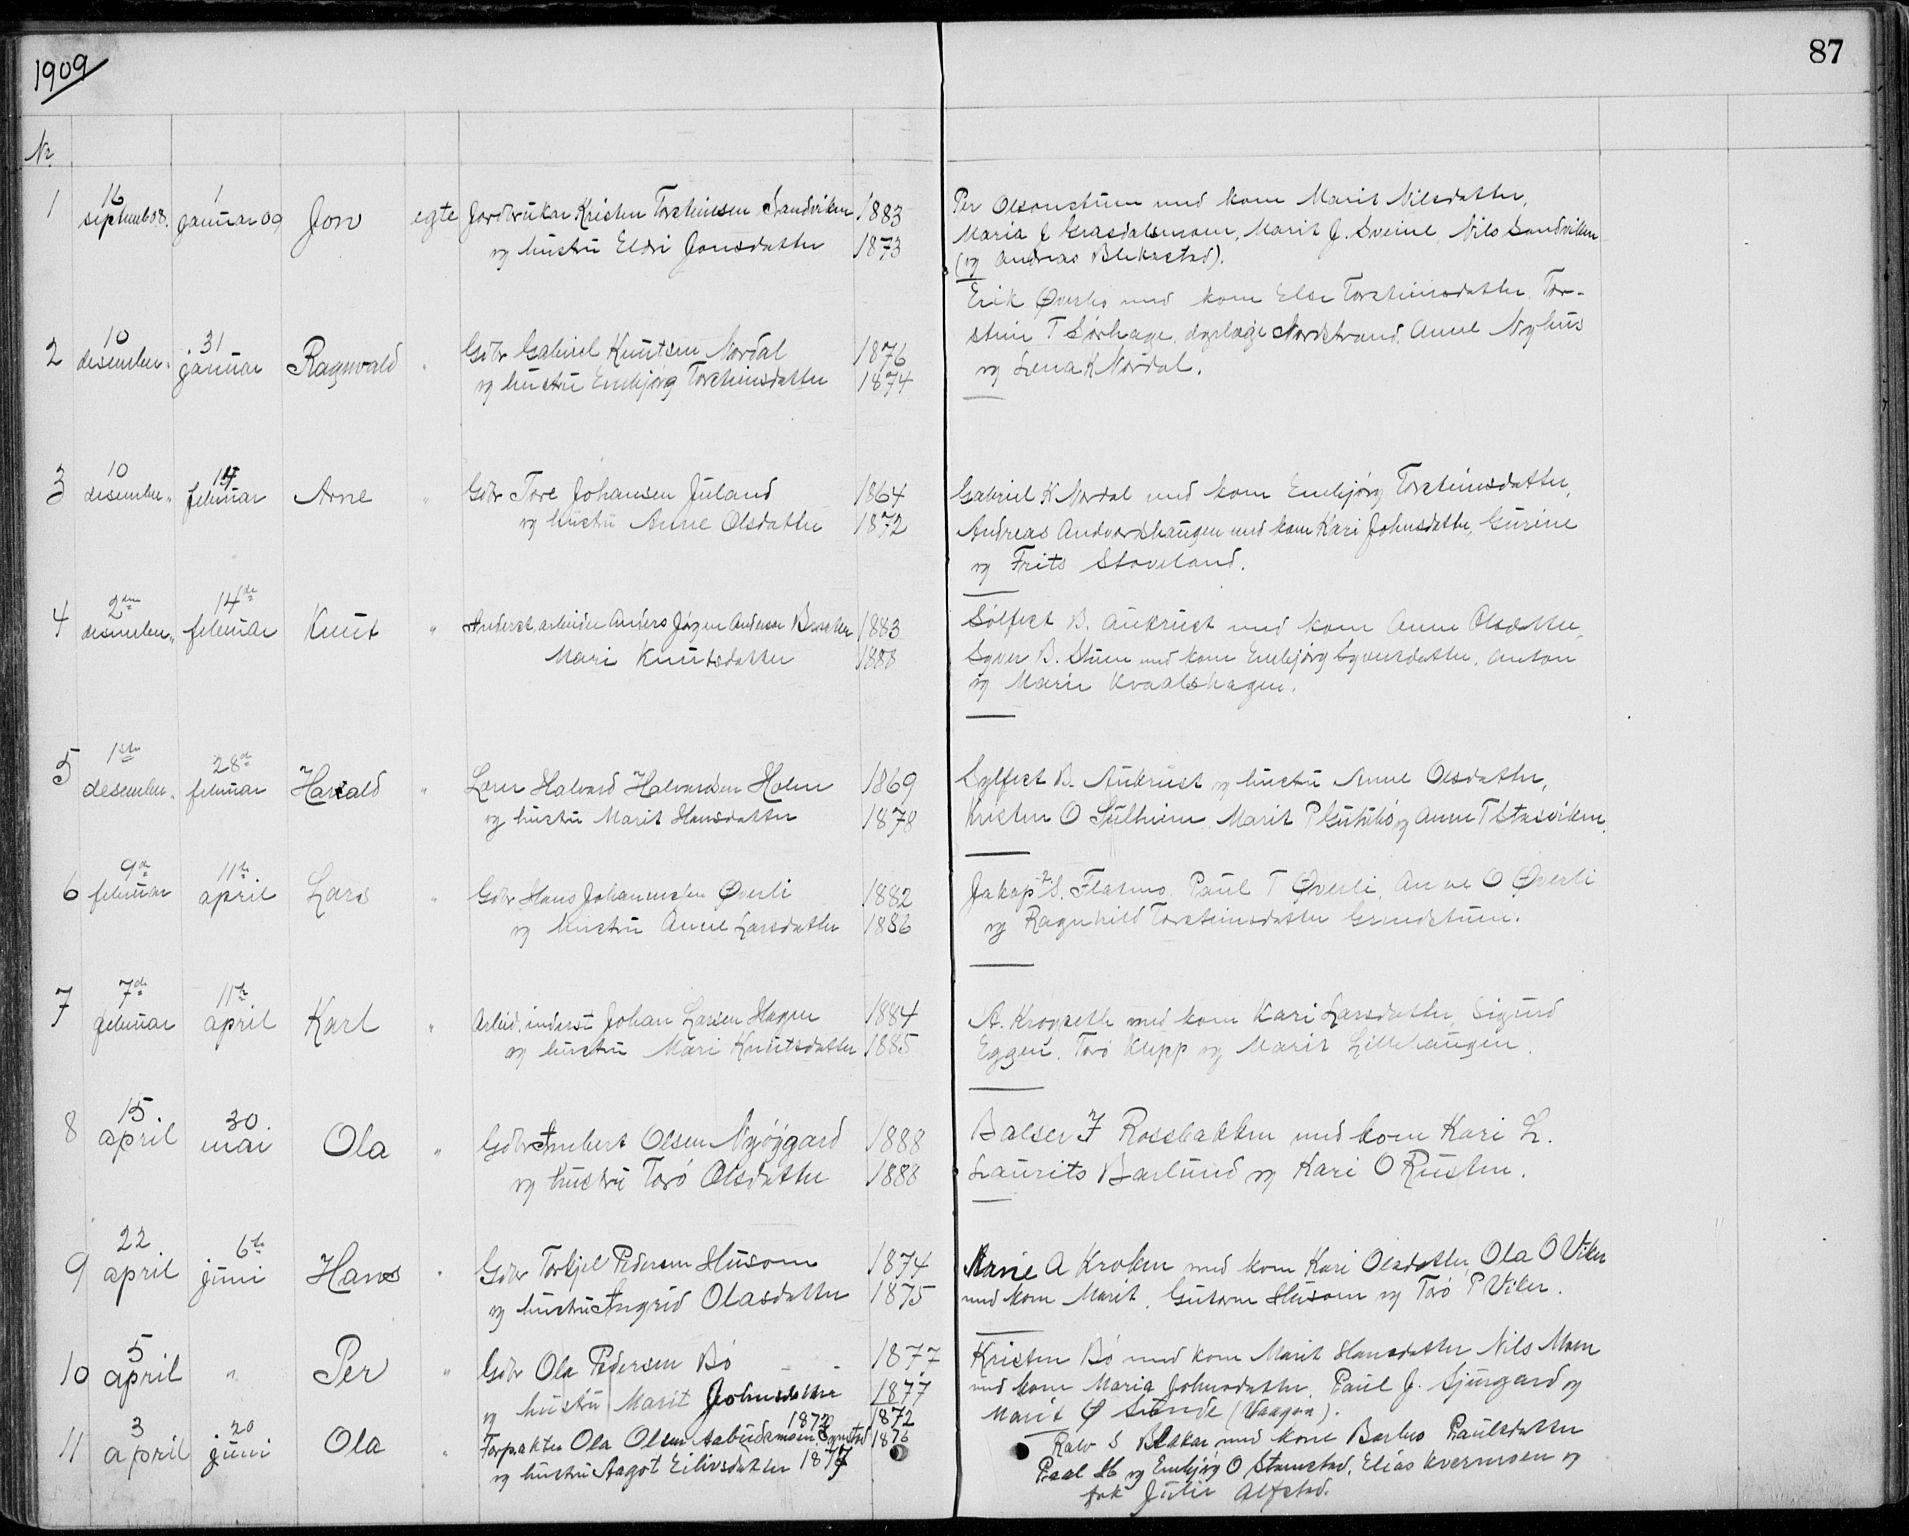 SAH, Lom prestekontor, L/L0013: Klokkerbok nr. 13, 1874-1938, s. 87